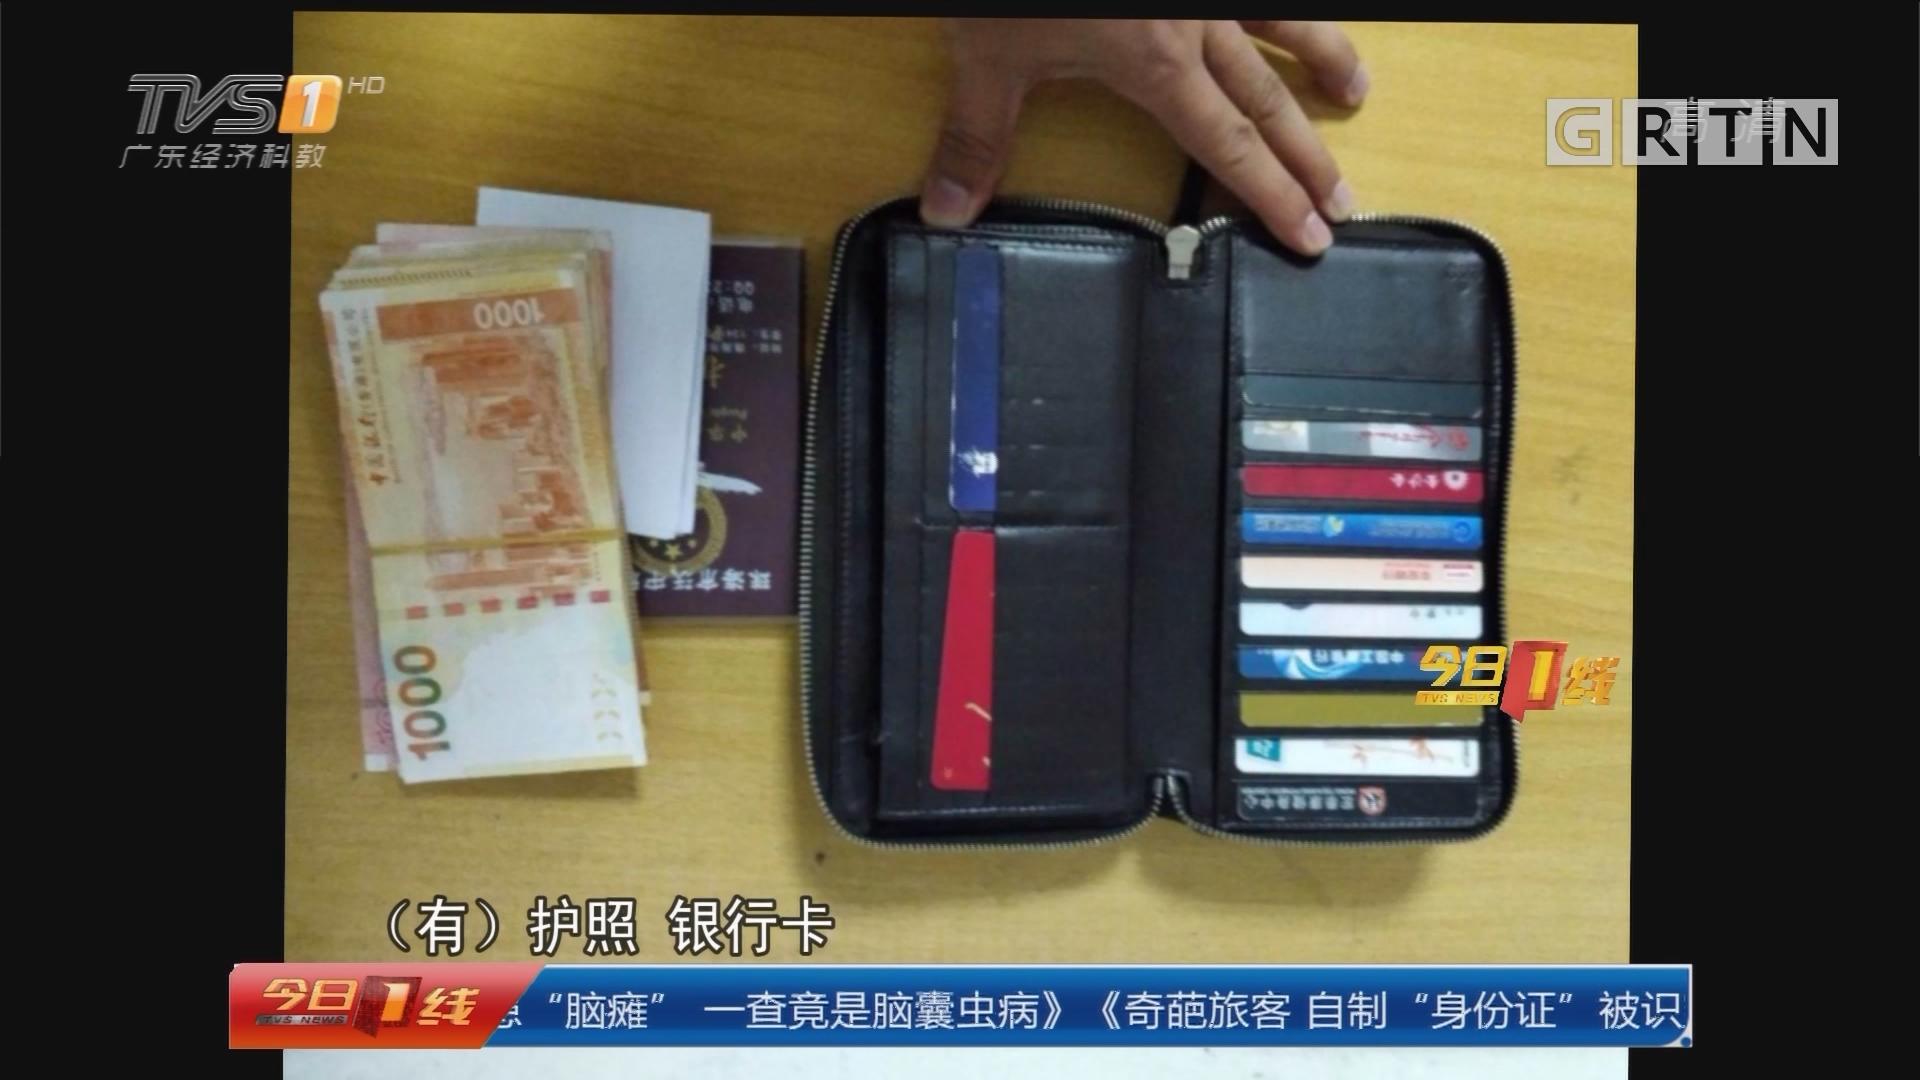 """系列专栏""""温度"""":广州 港商遗失4万现金 的哥凌晨归还"""